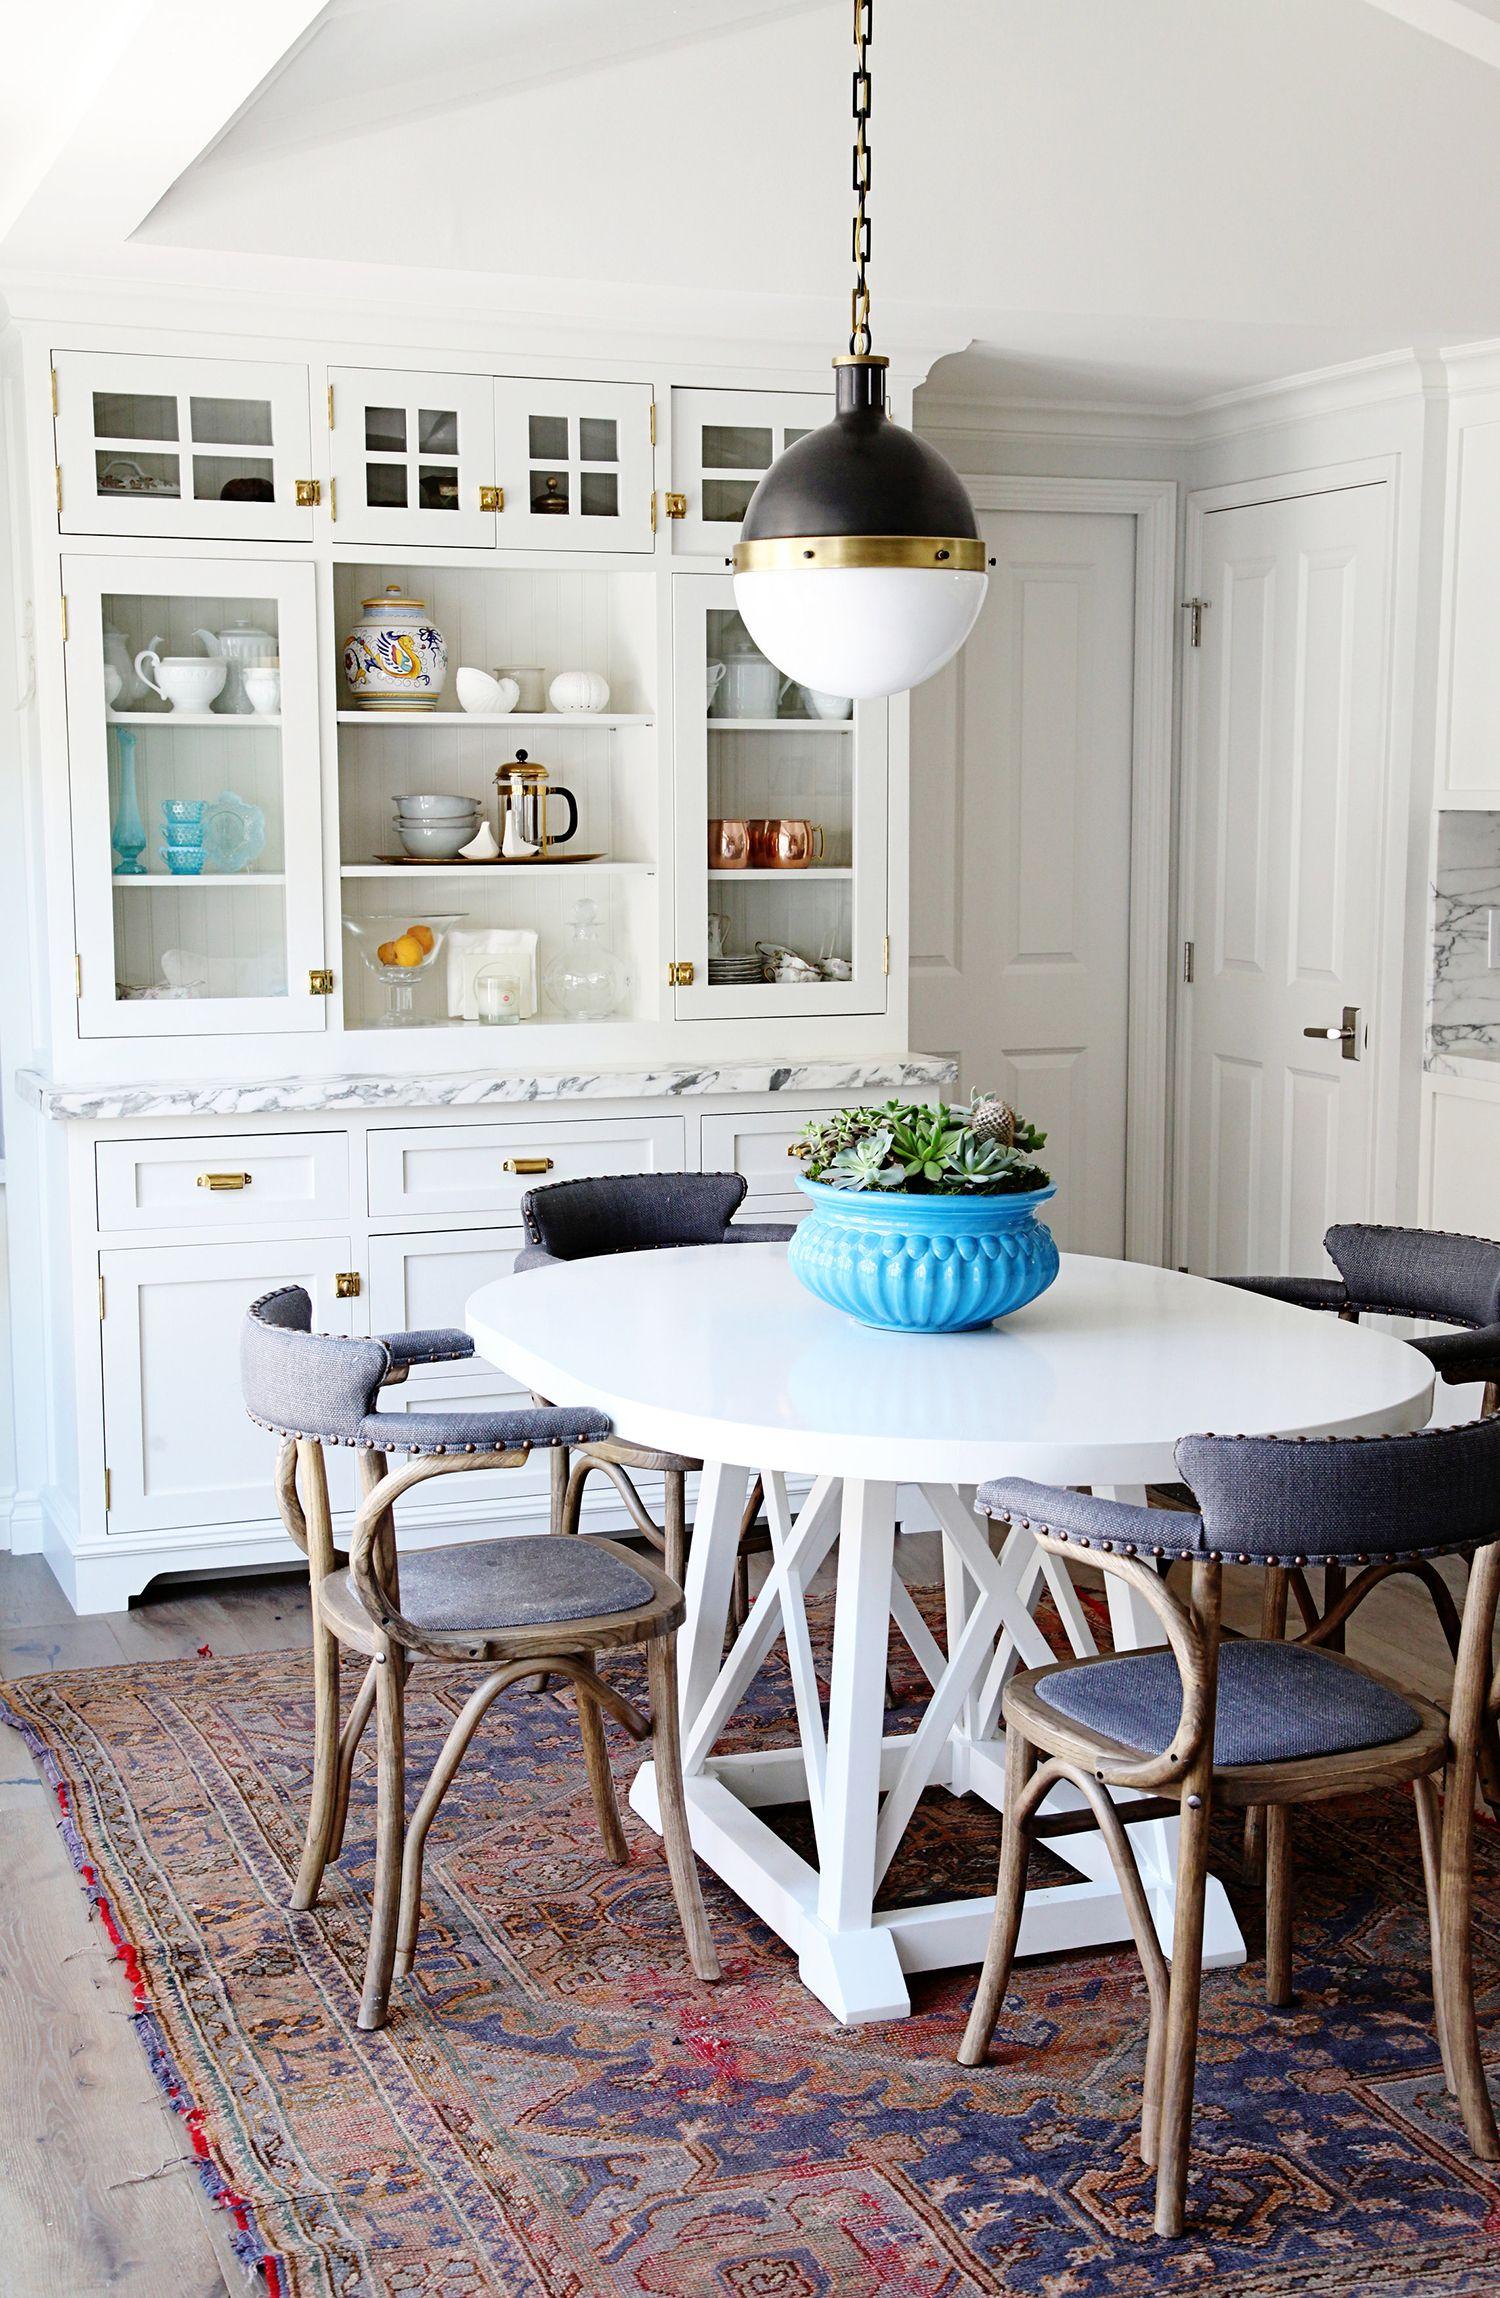 Interior Design Of Kitchen Room: A Luxurious Retreat By Irene Lovett Of Designstiles